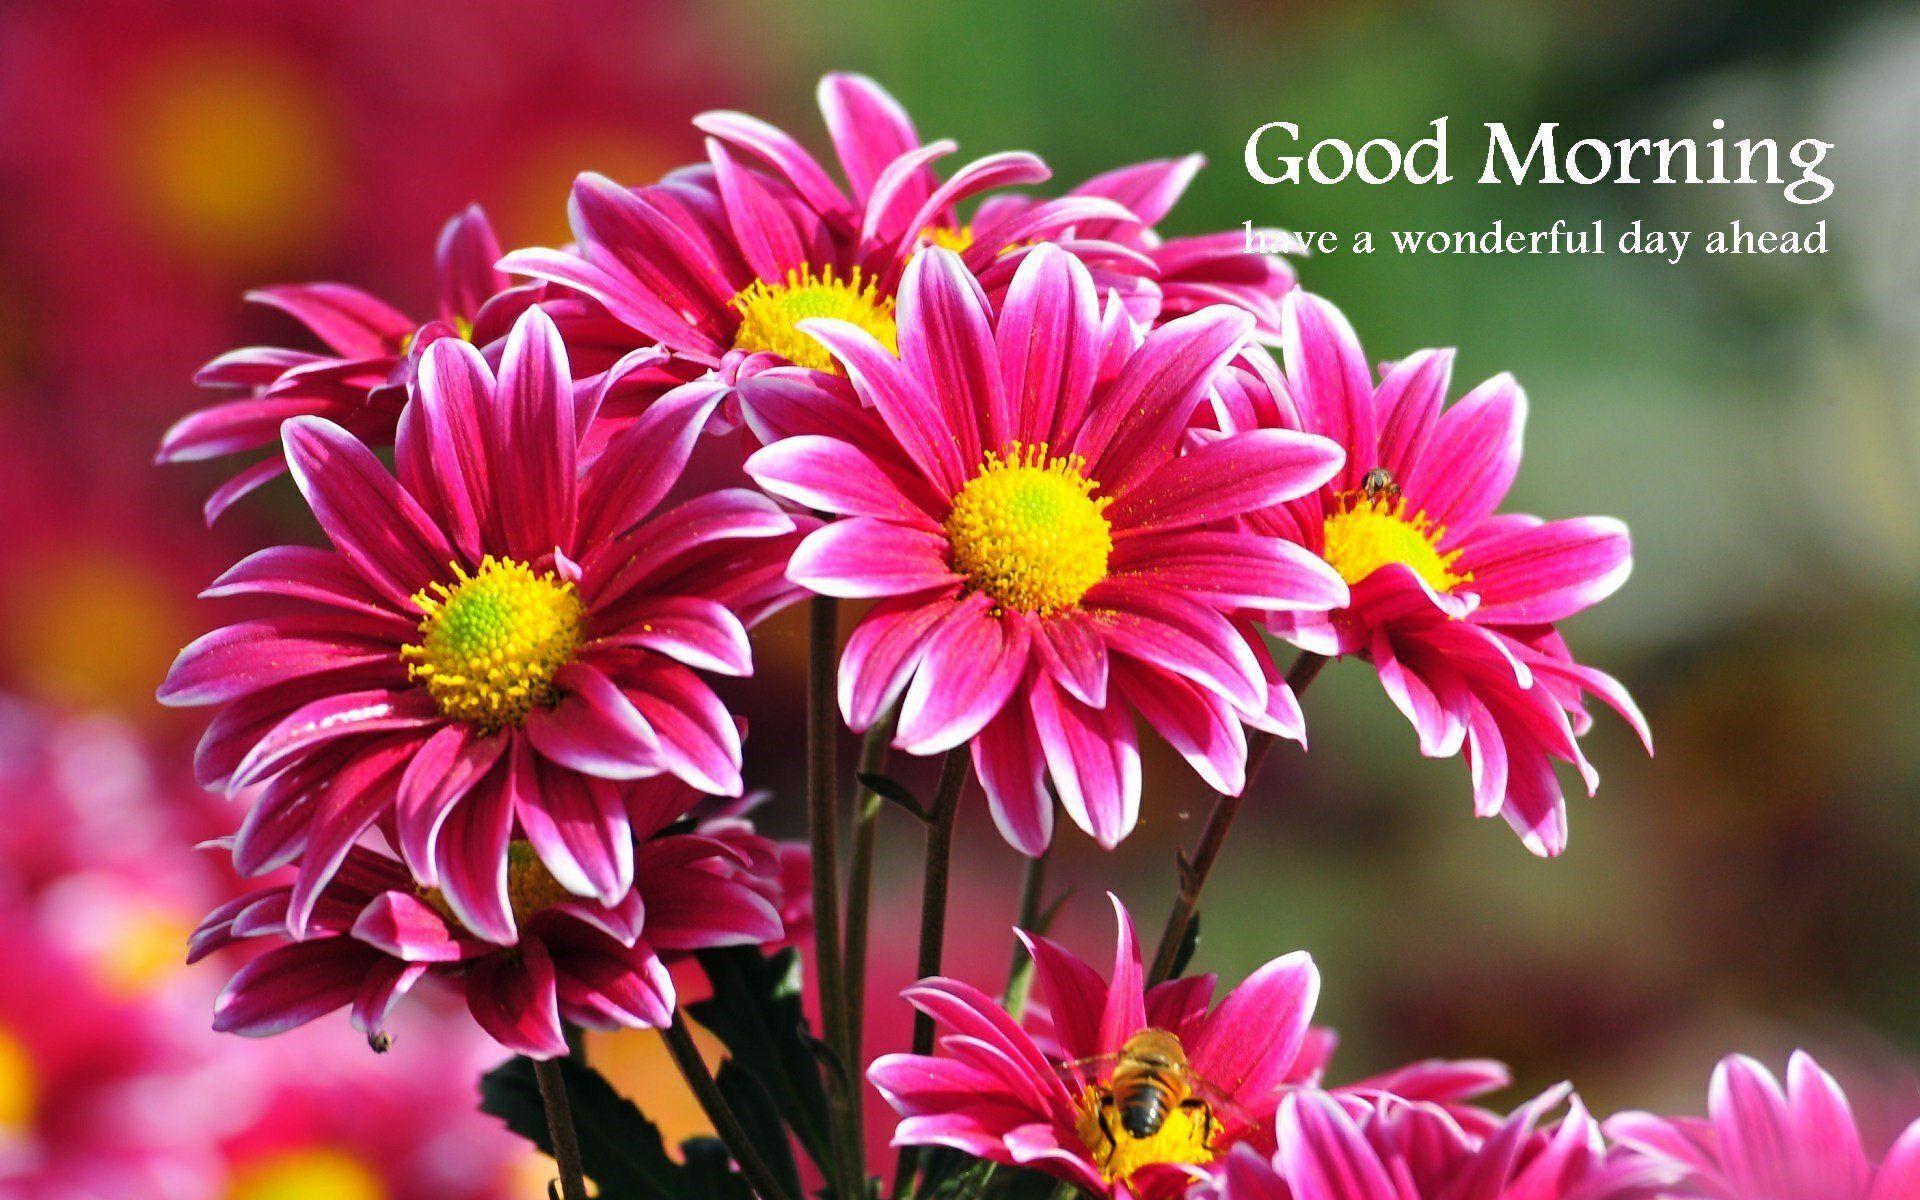 1920x1200 Hình nền hoa Thiên nhiên Buổi sáng sớm Chào buổi sáng